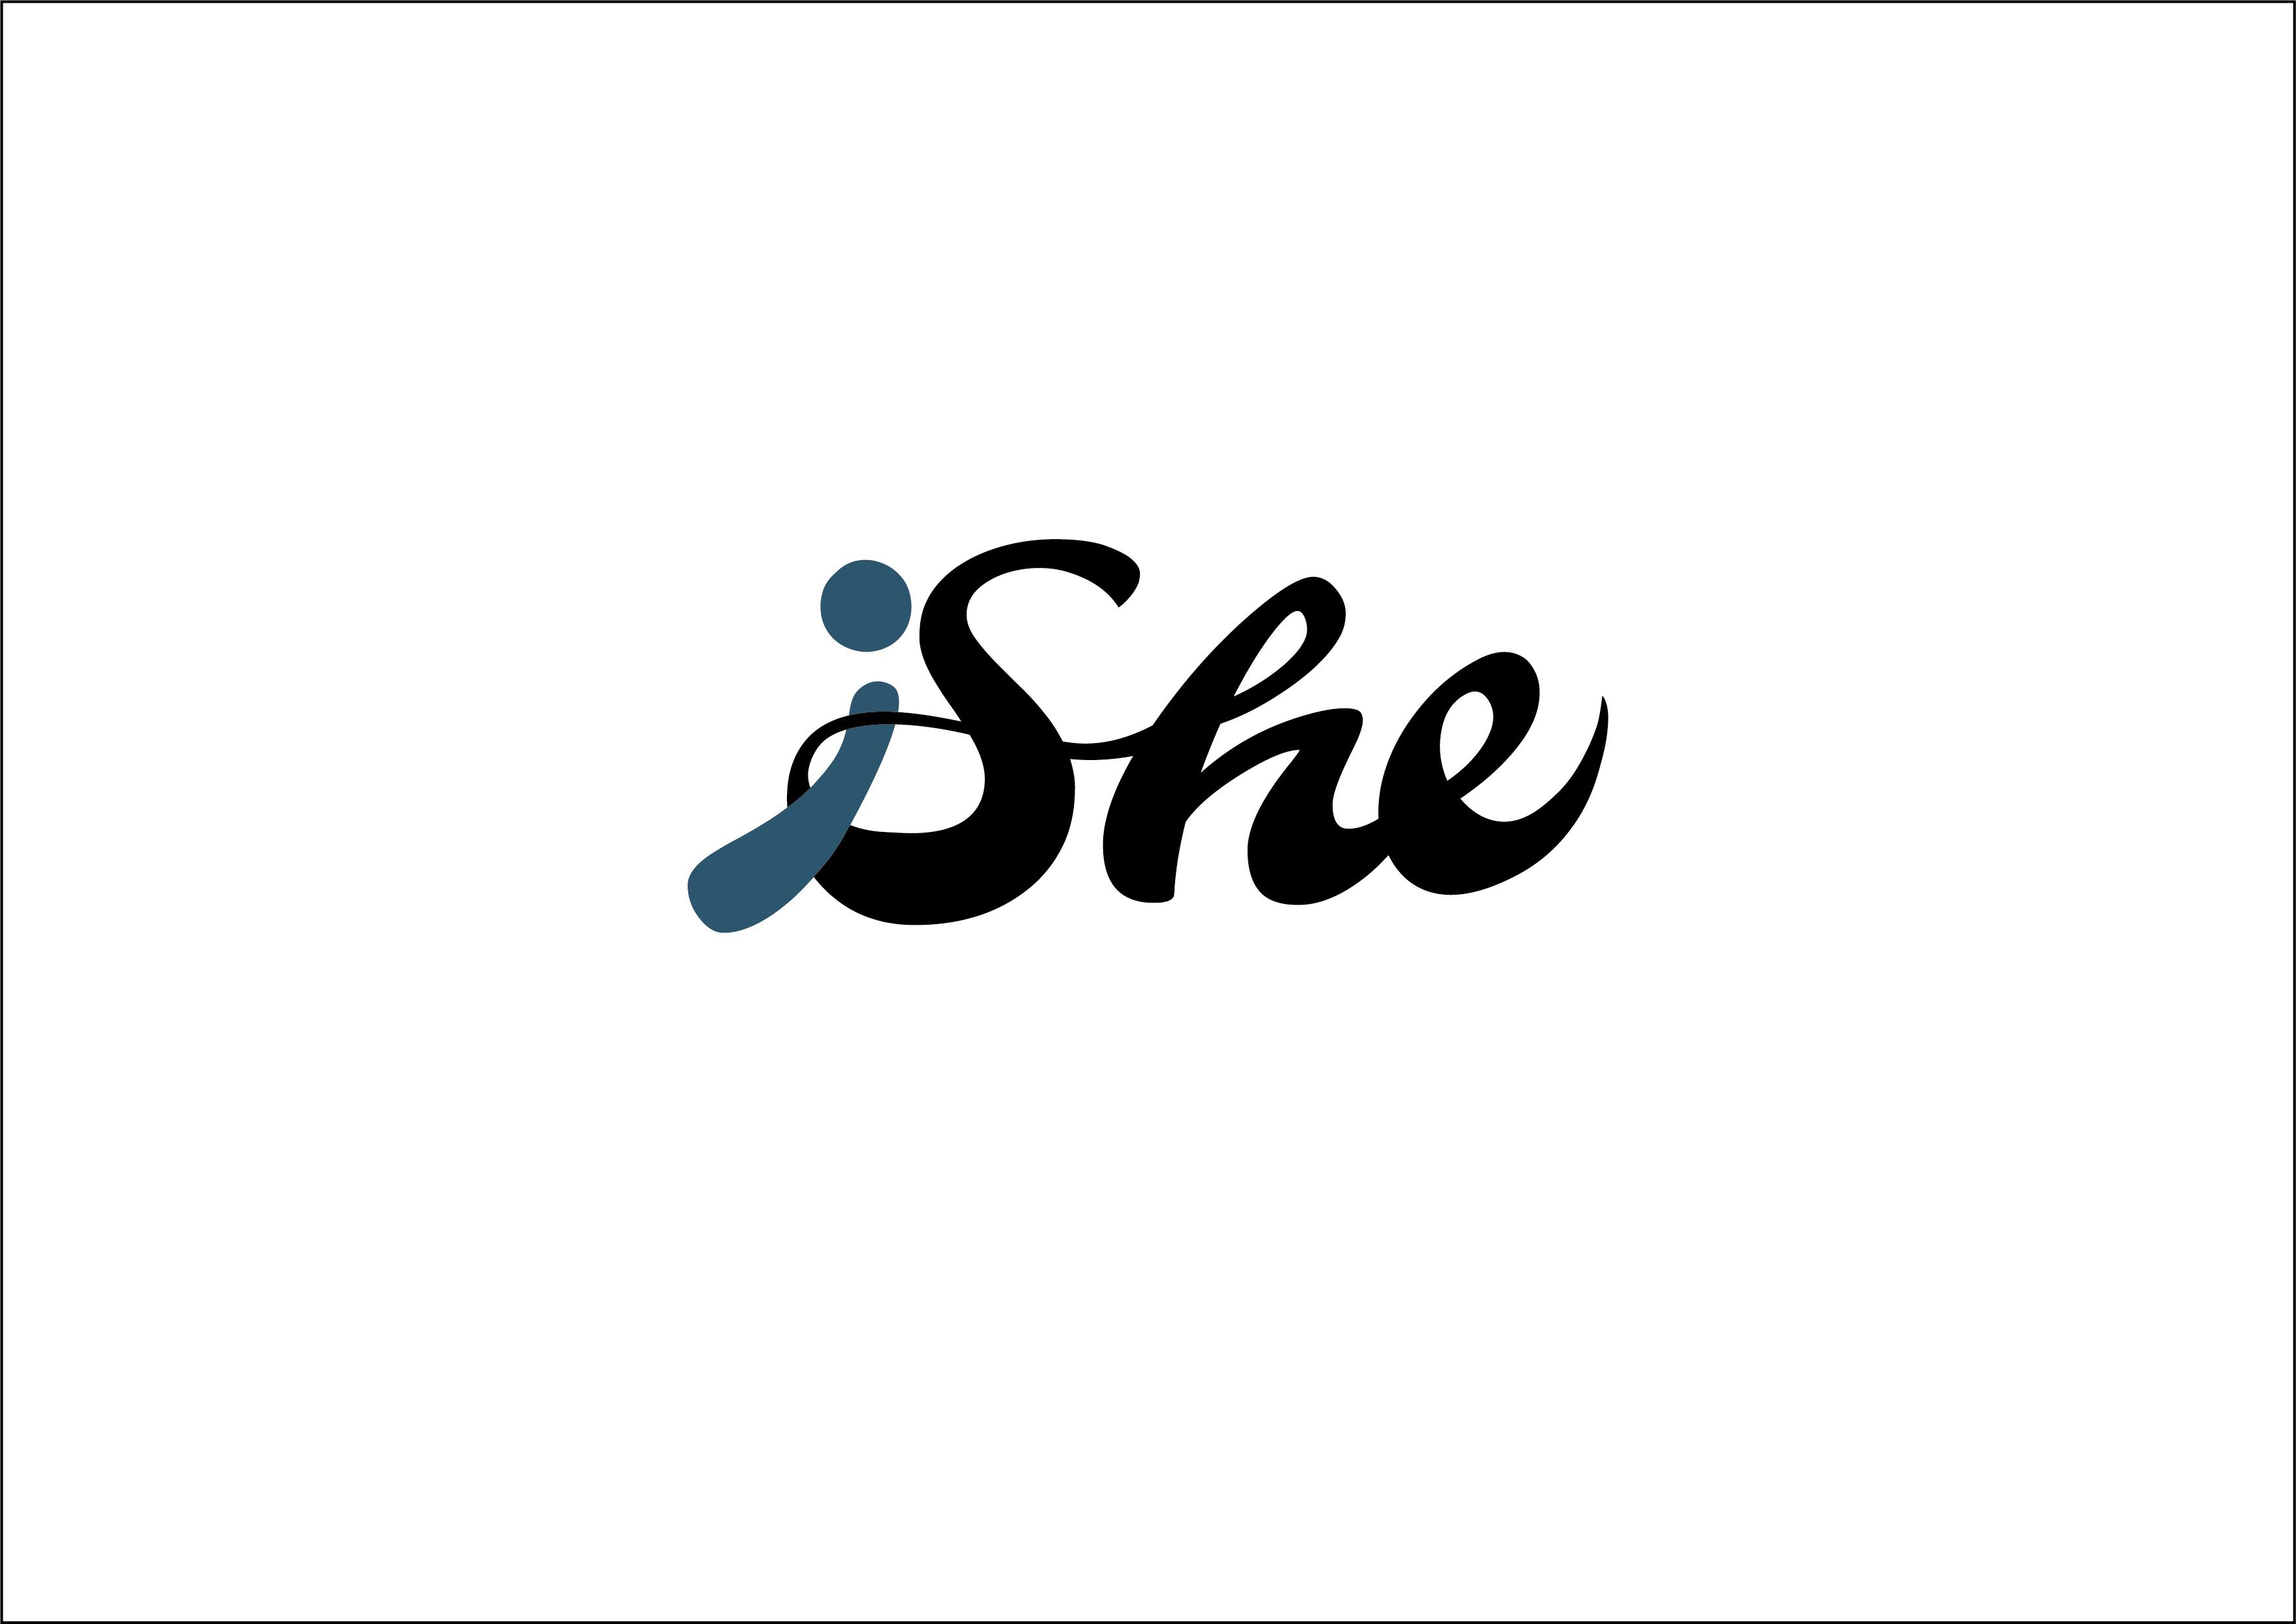 """Создать логотип для торговой марки """"IShe"""" фото f_385600c1a20406cf.jpg"""